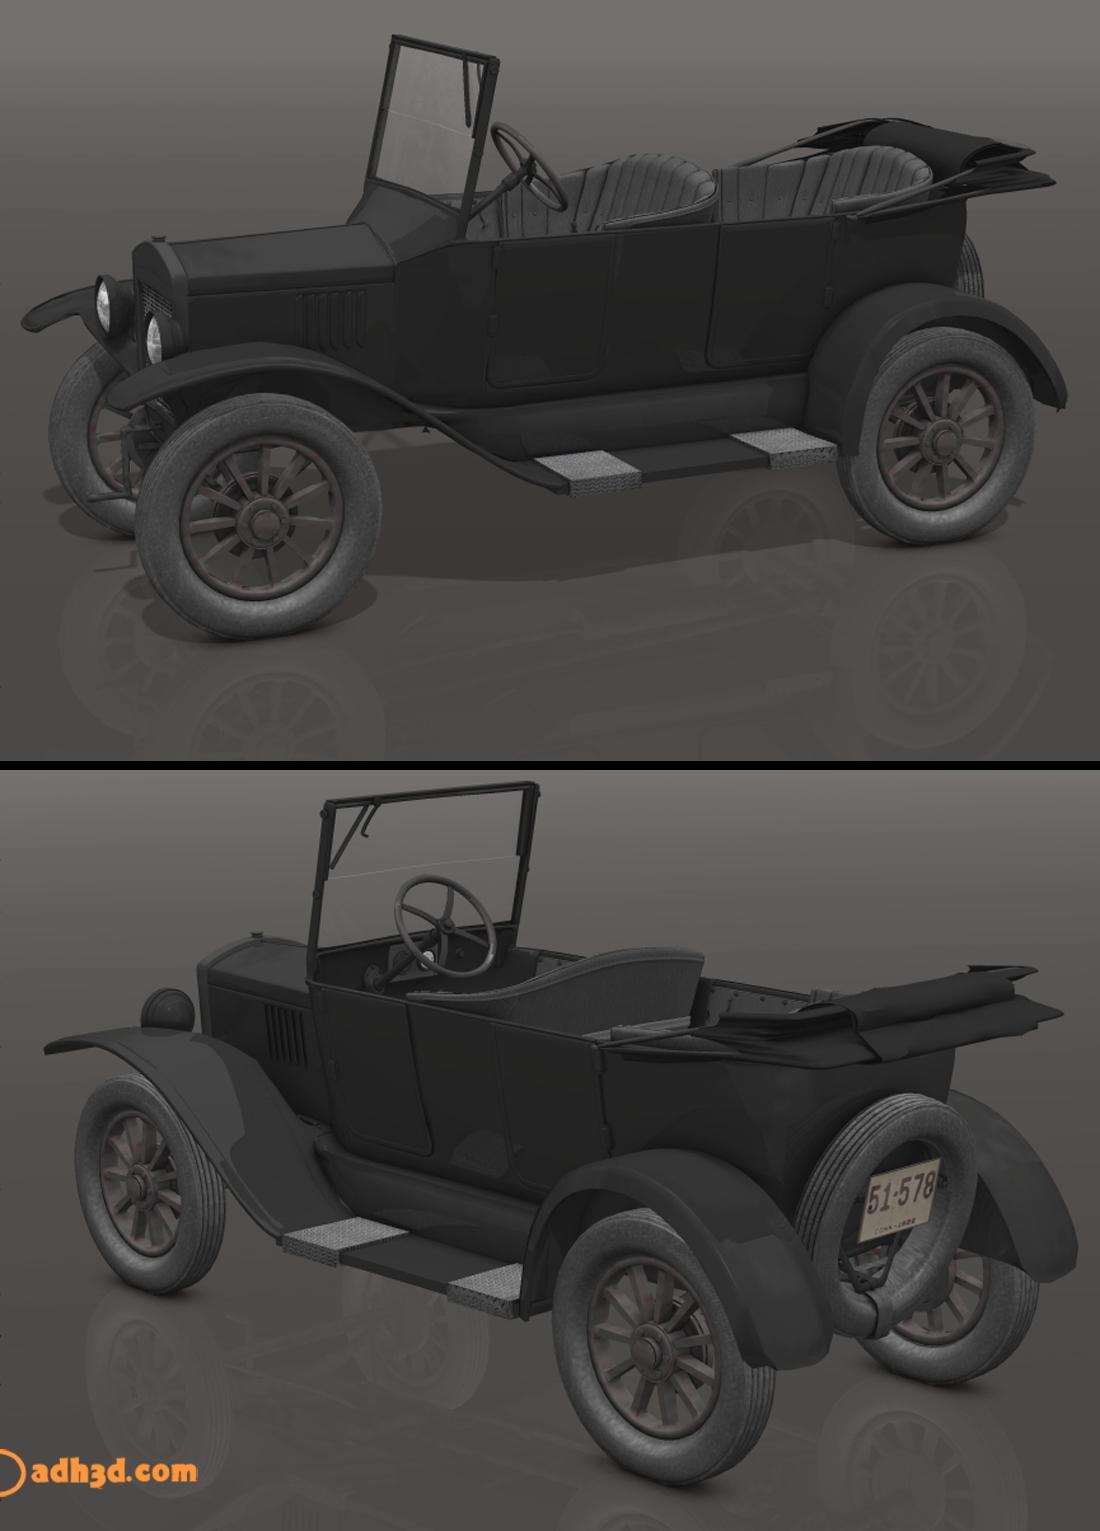 Adh3d 1922 ford t touring 1 17e0a925 fn7u